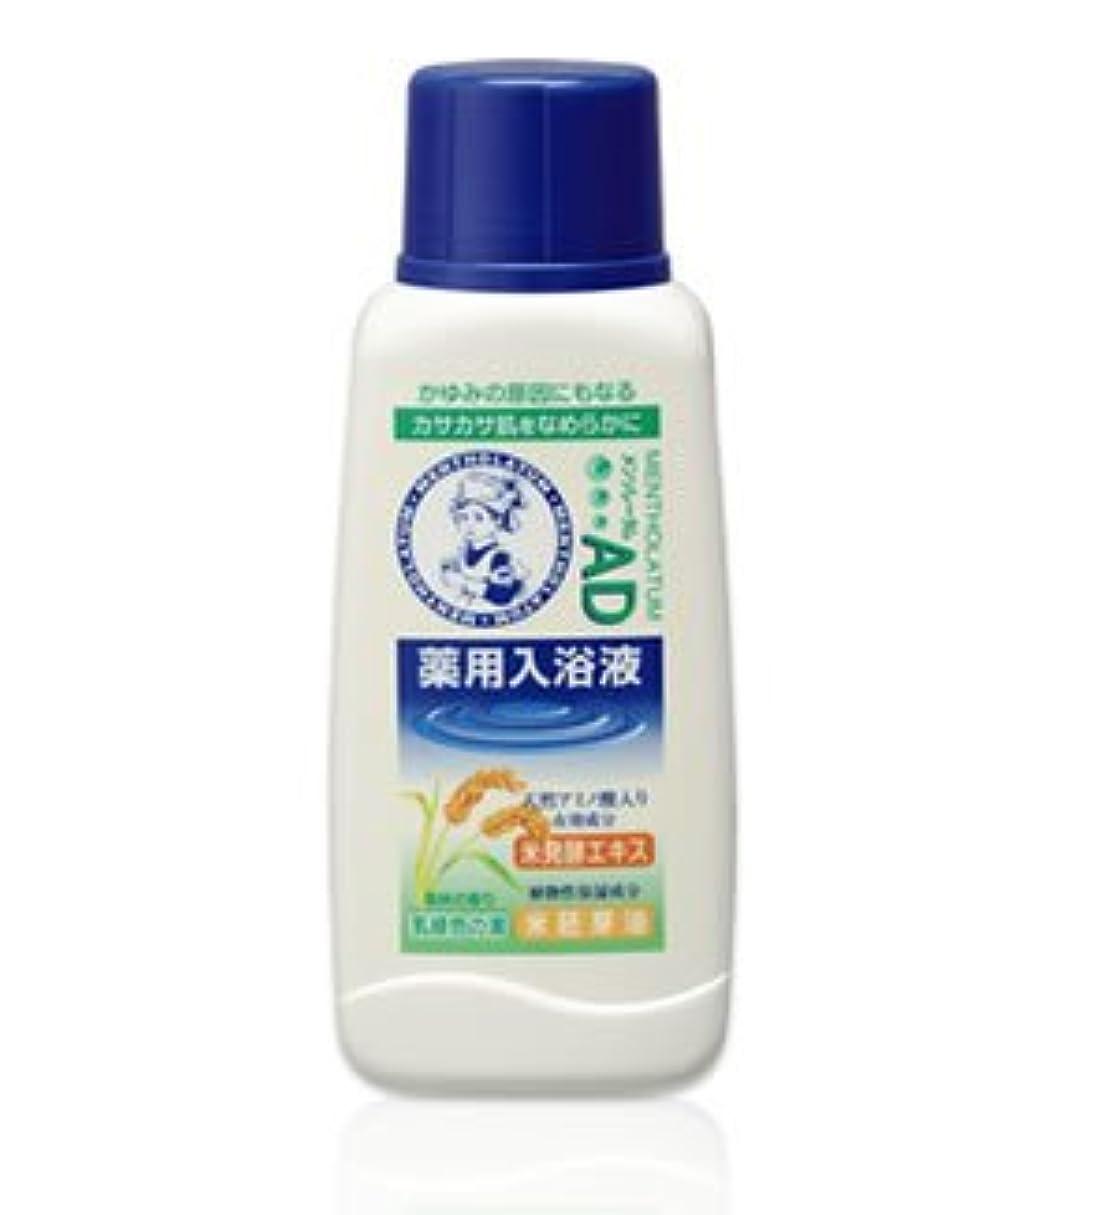 それるバックグラウンド食い違い(ロート)メンソレータム AD薬用入浴剤 森林の香り720ml(医薬部外品)